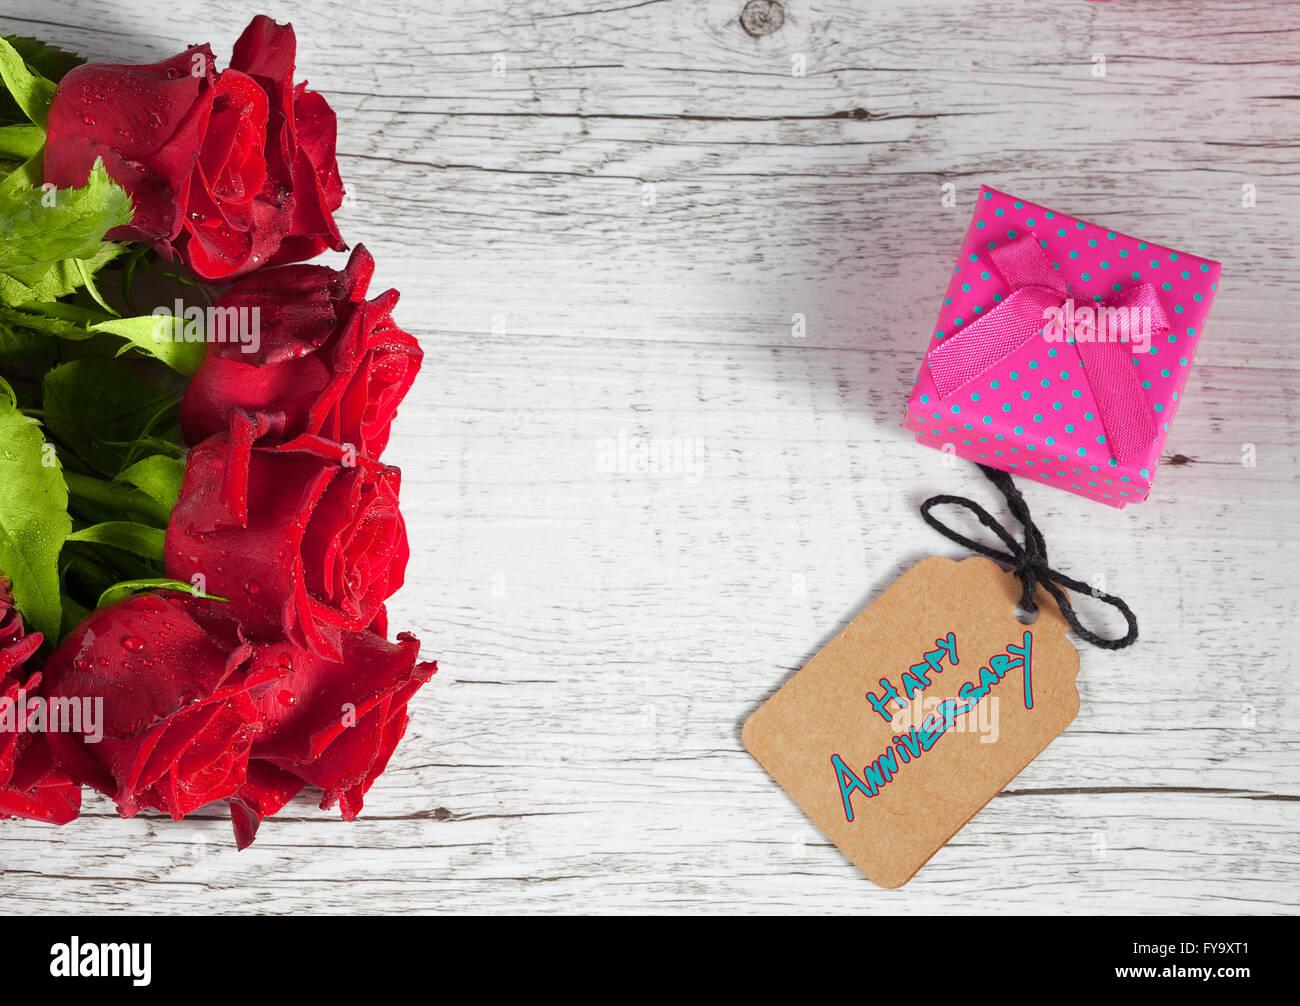 feliz aniversario el texto con la pequeña caja de regalo y rosas